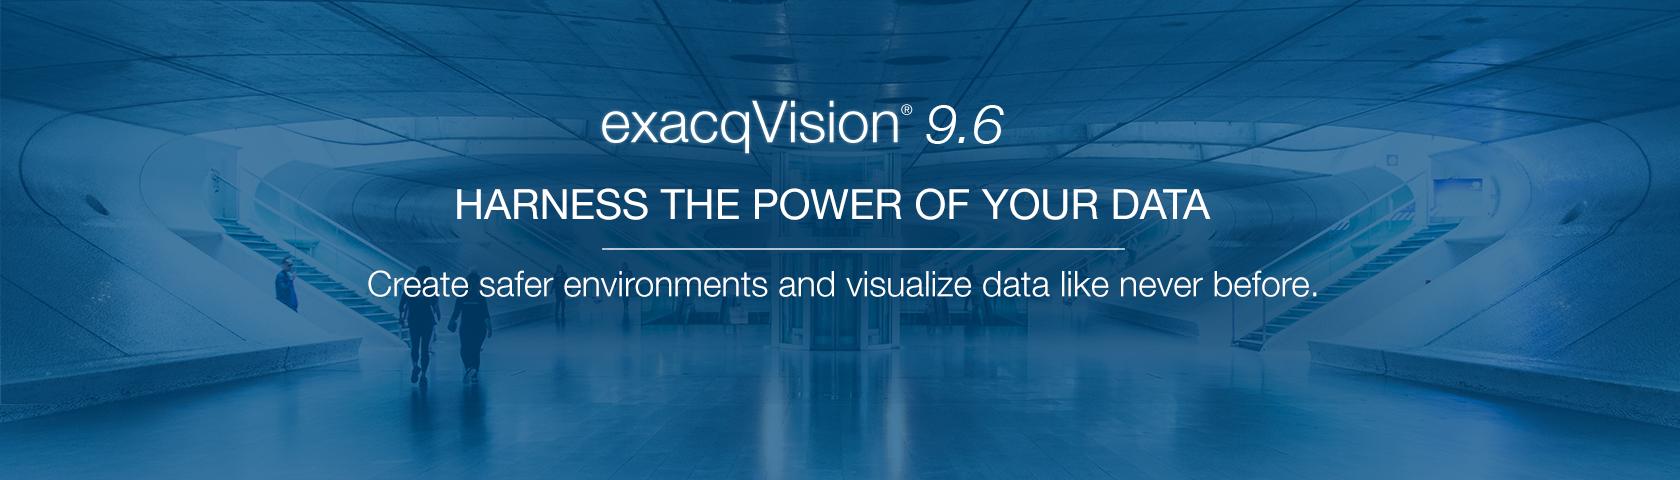 exacqVision 9.6